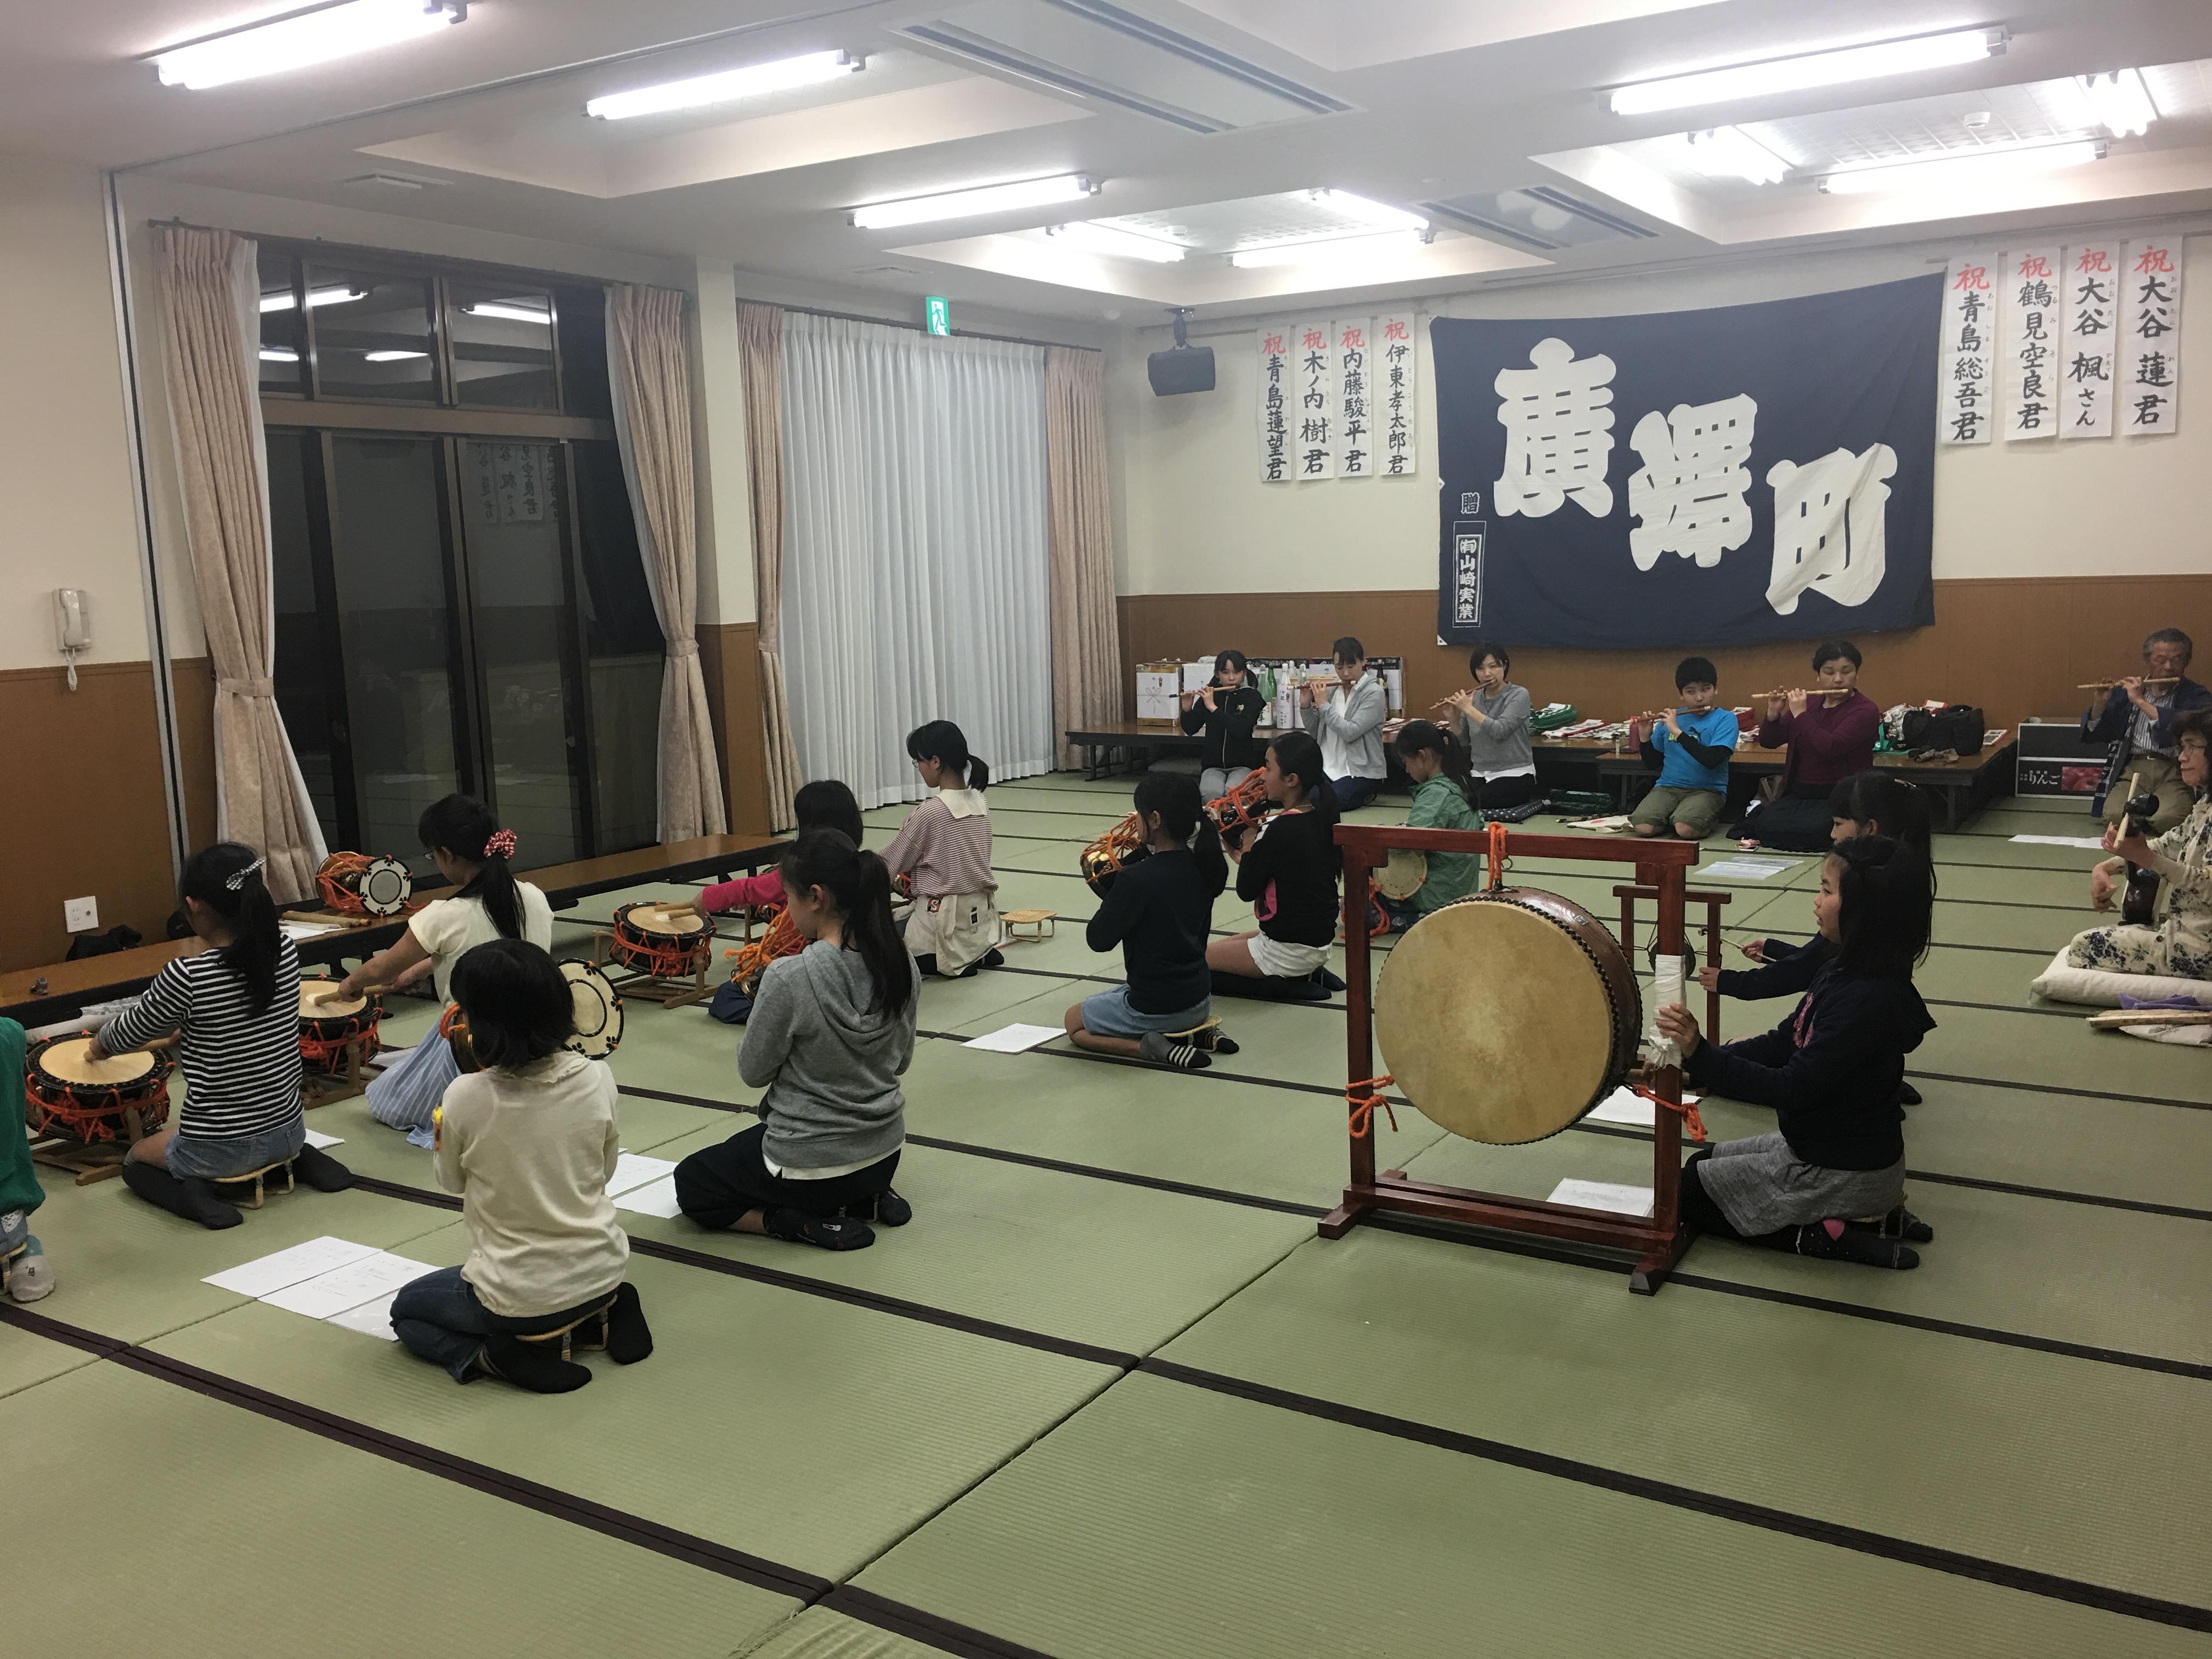 平成29年 浜松まつり広沢町凧揚会ひ組 お囃子練習